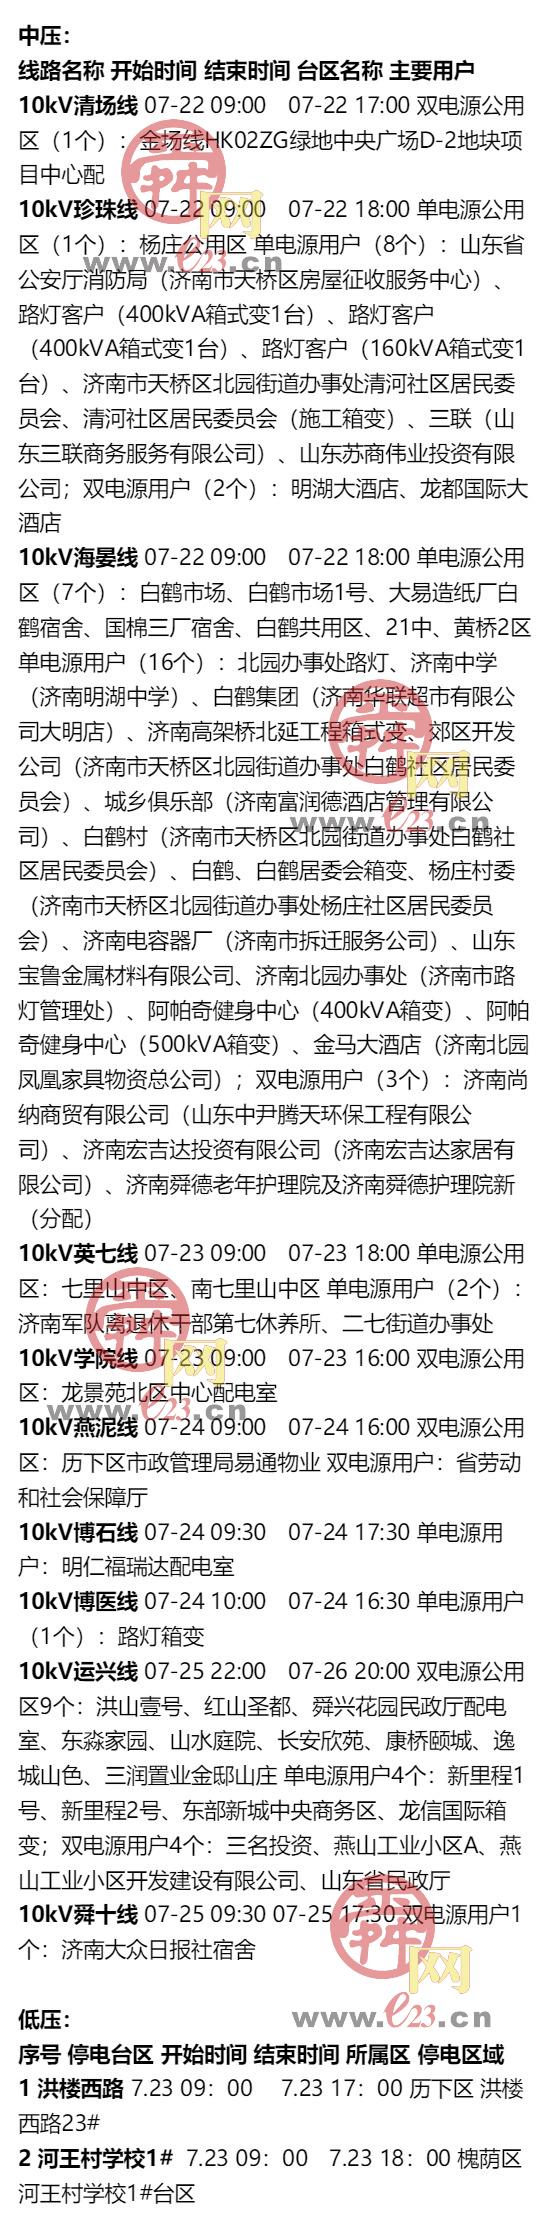 7月20日至7月26日济南部分区域电力设备检修通知